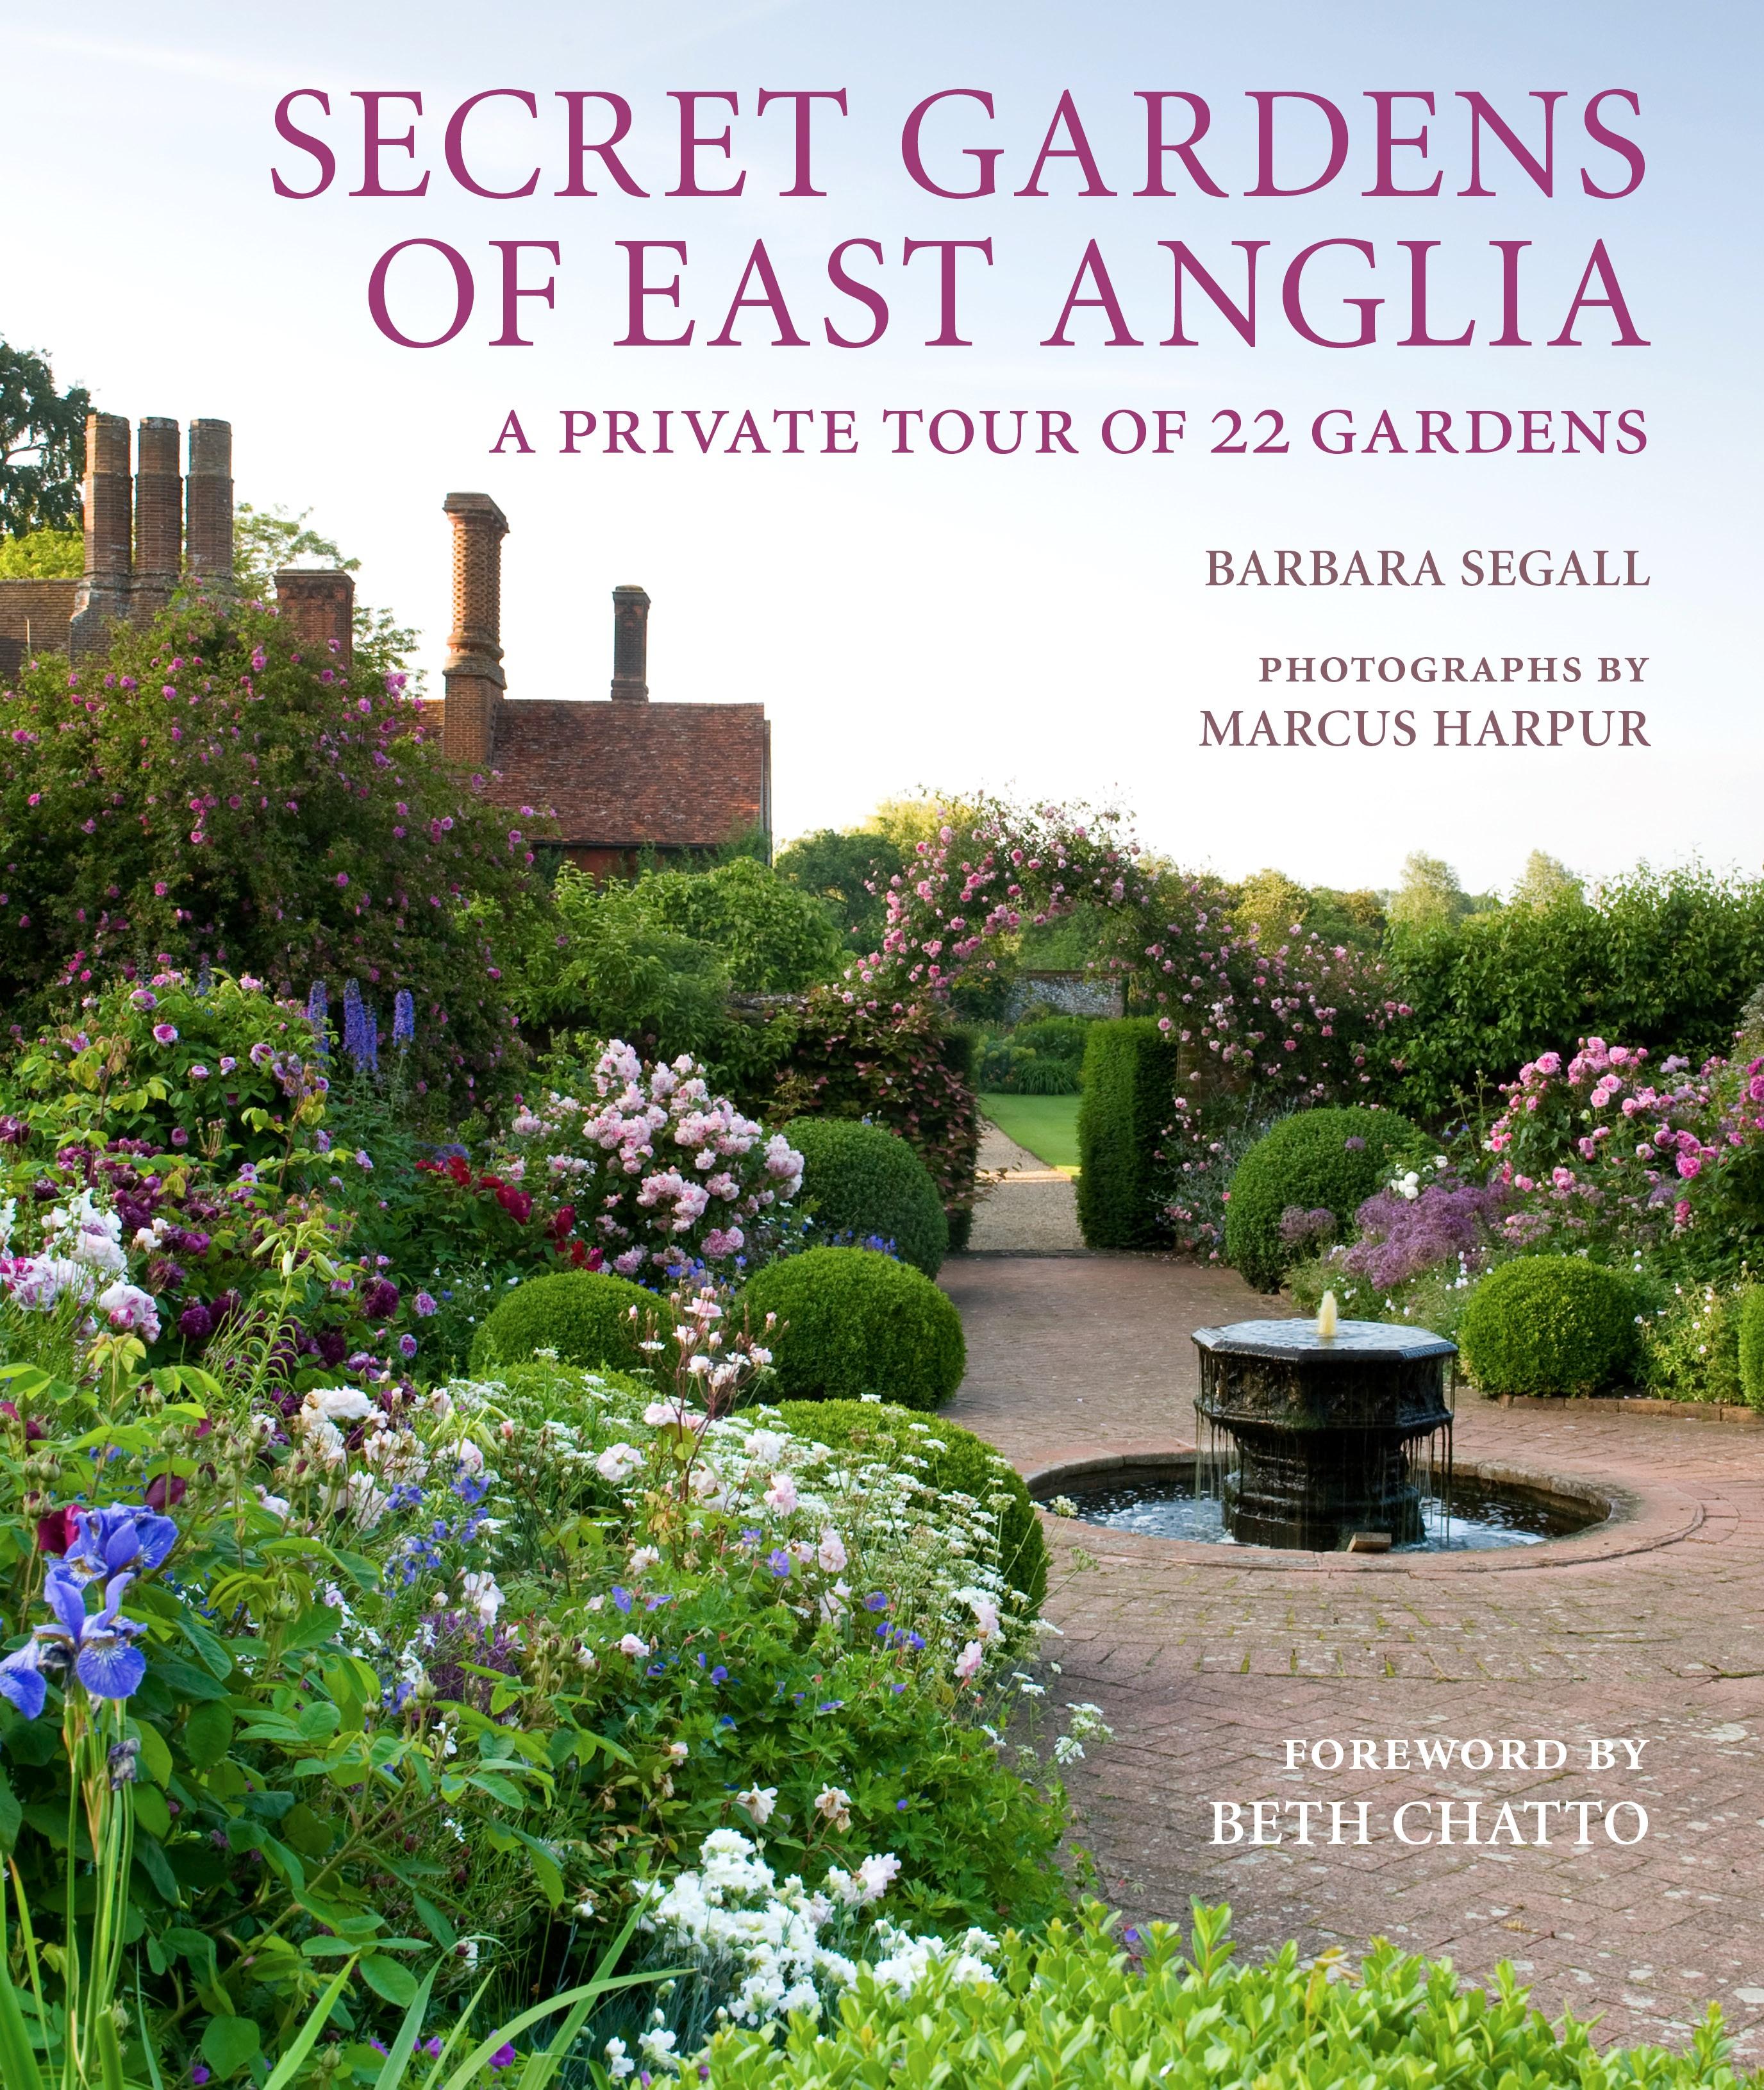 Secret Gardens of East Anglia cover.jpg